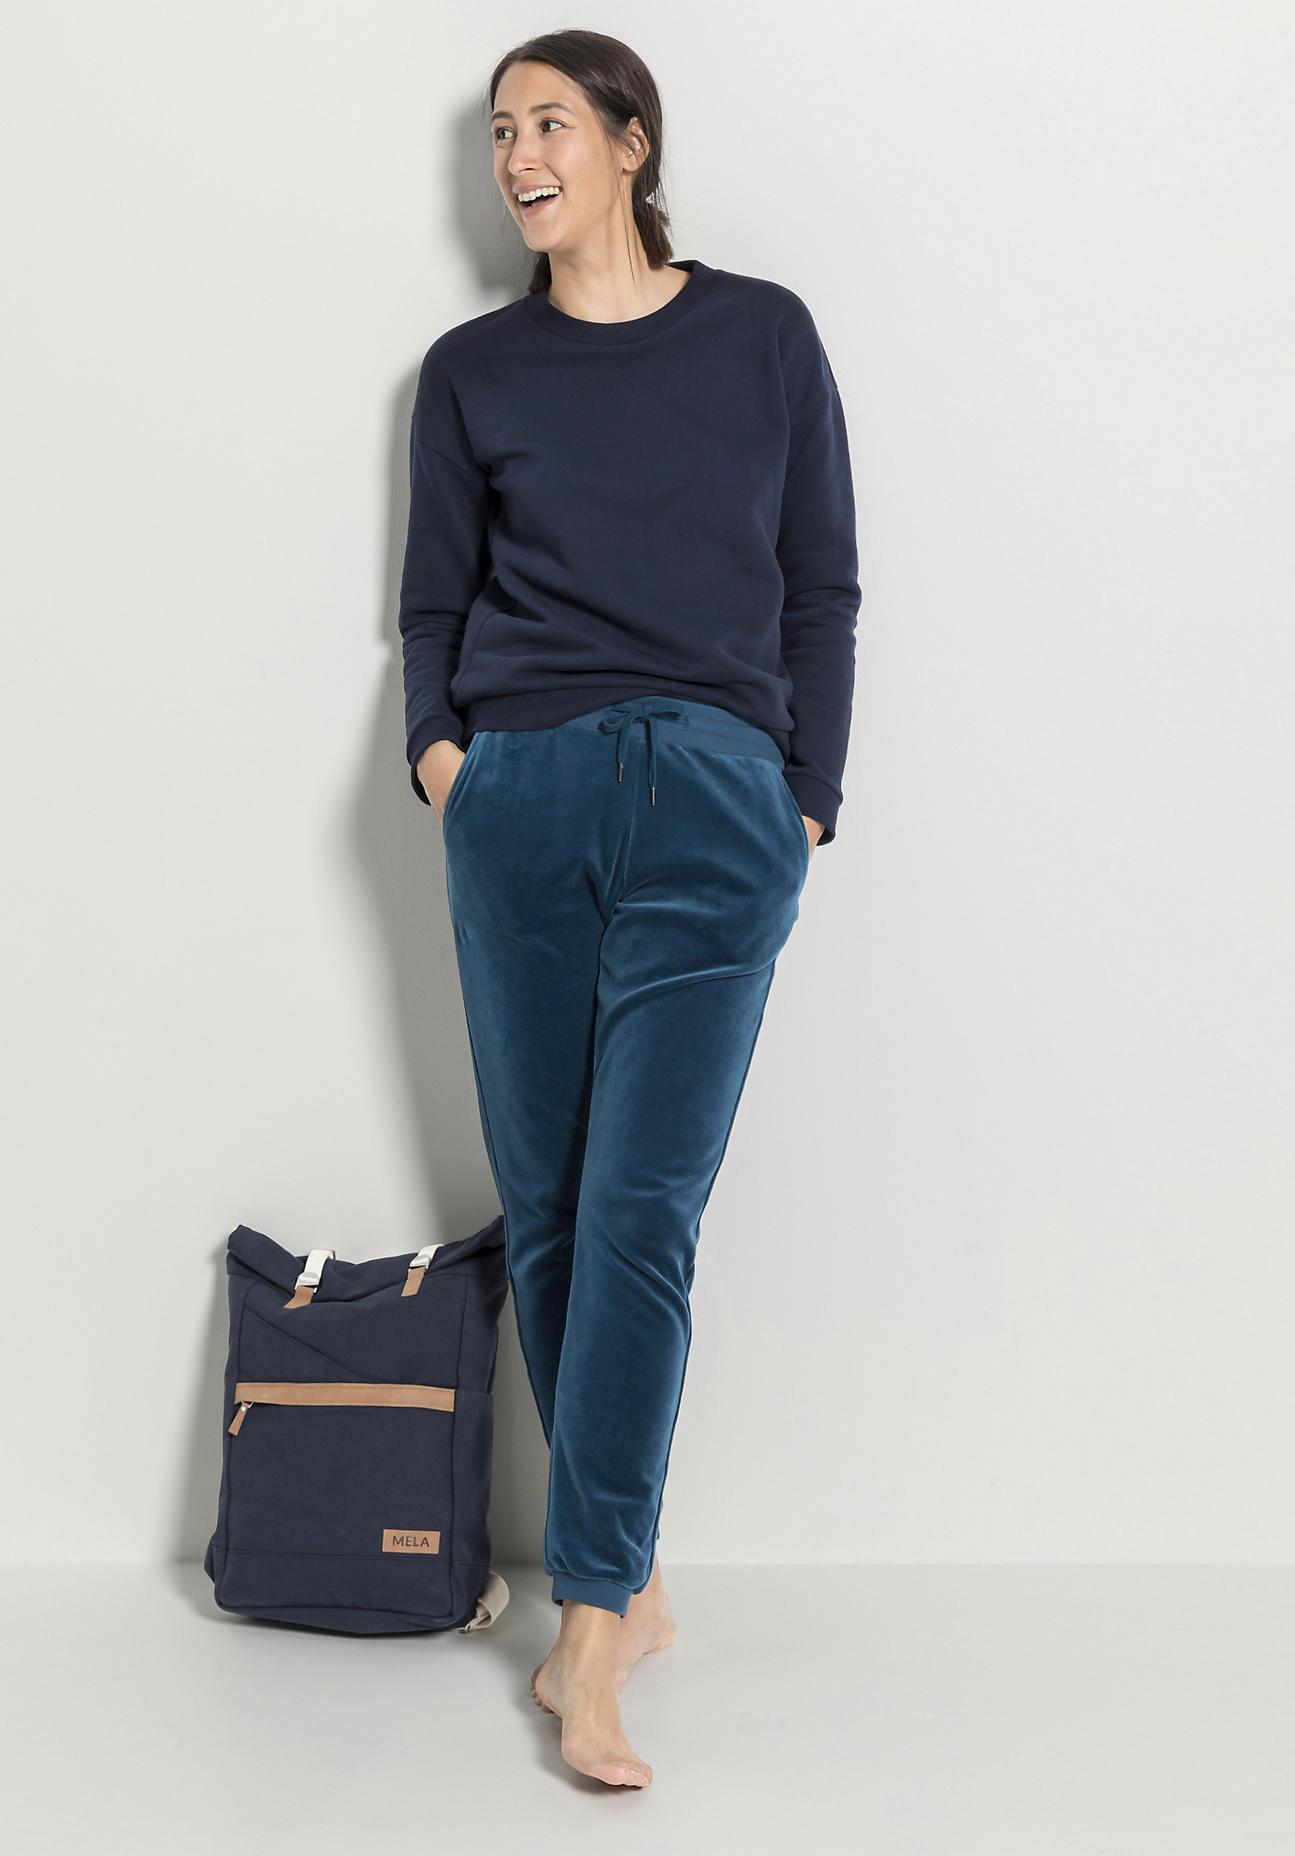 hessnatur Damen Rucksack Ansvar aus Bio-Baumwolle - blau Größe One Size